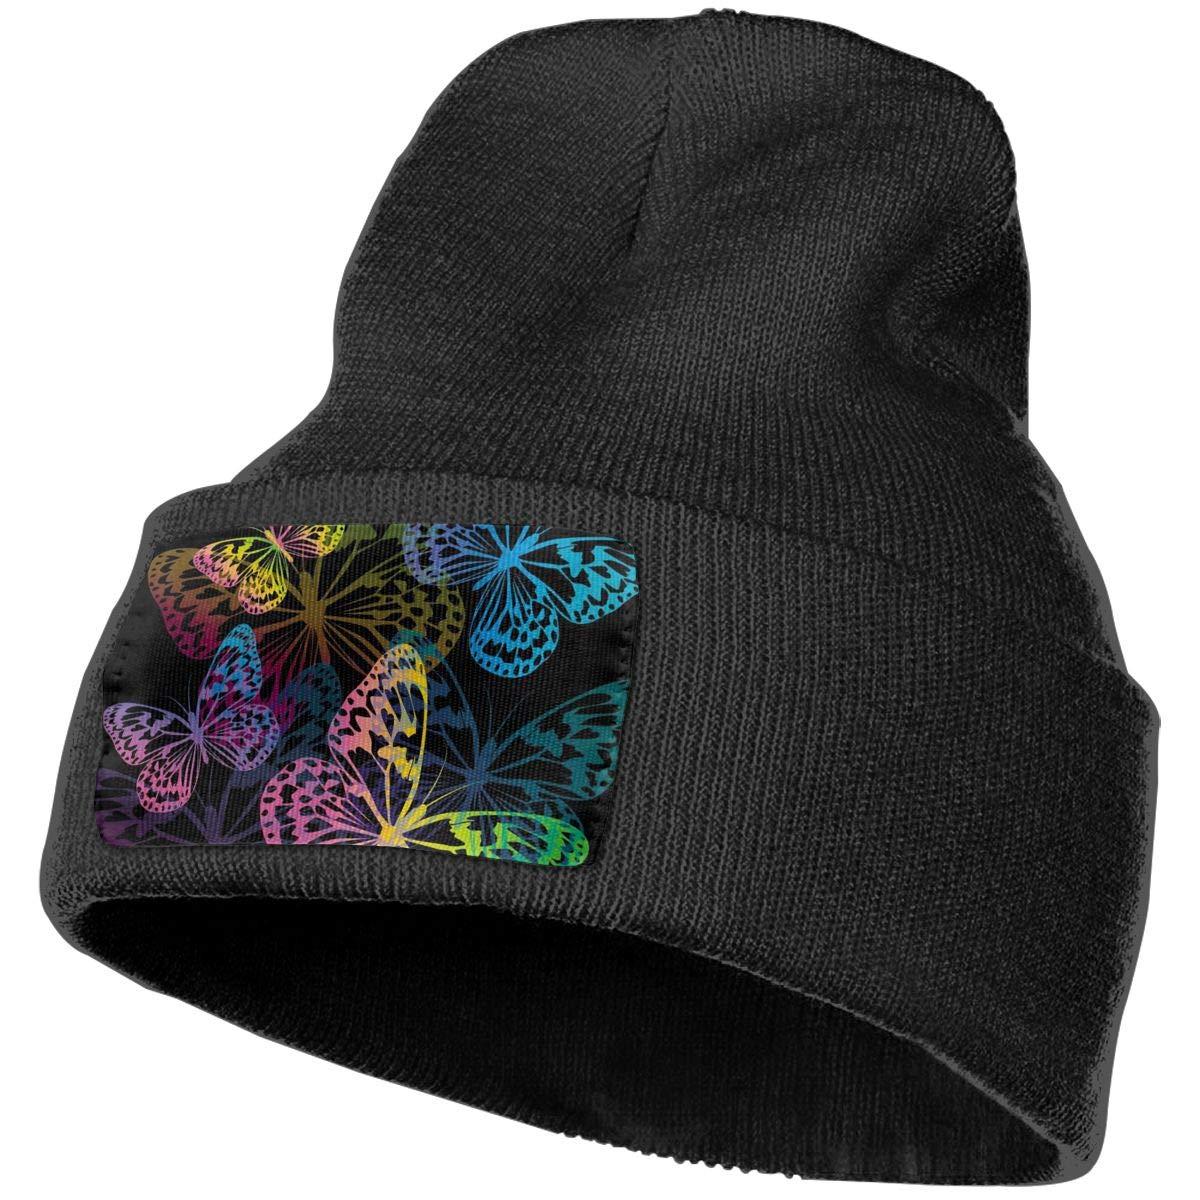 Field Rain Butterfly Unisex 100/% Acrylic Knit Hat Cap Rider Soft Beanie Hat Woolen Hat